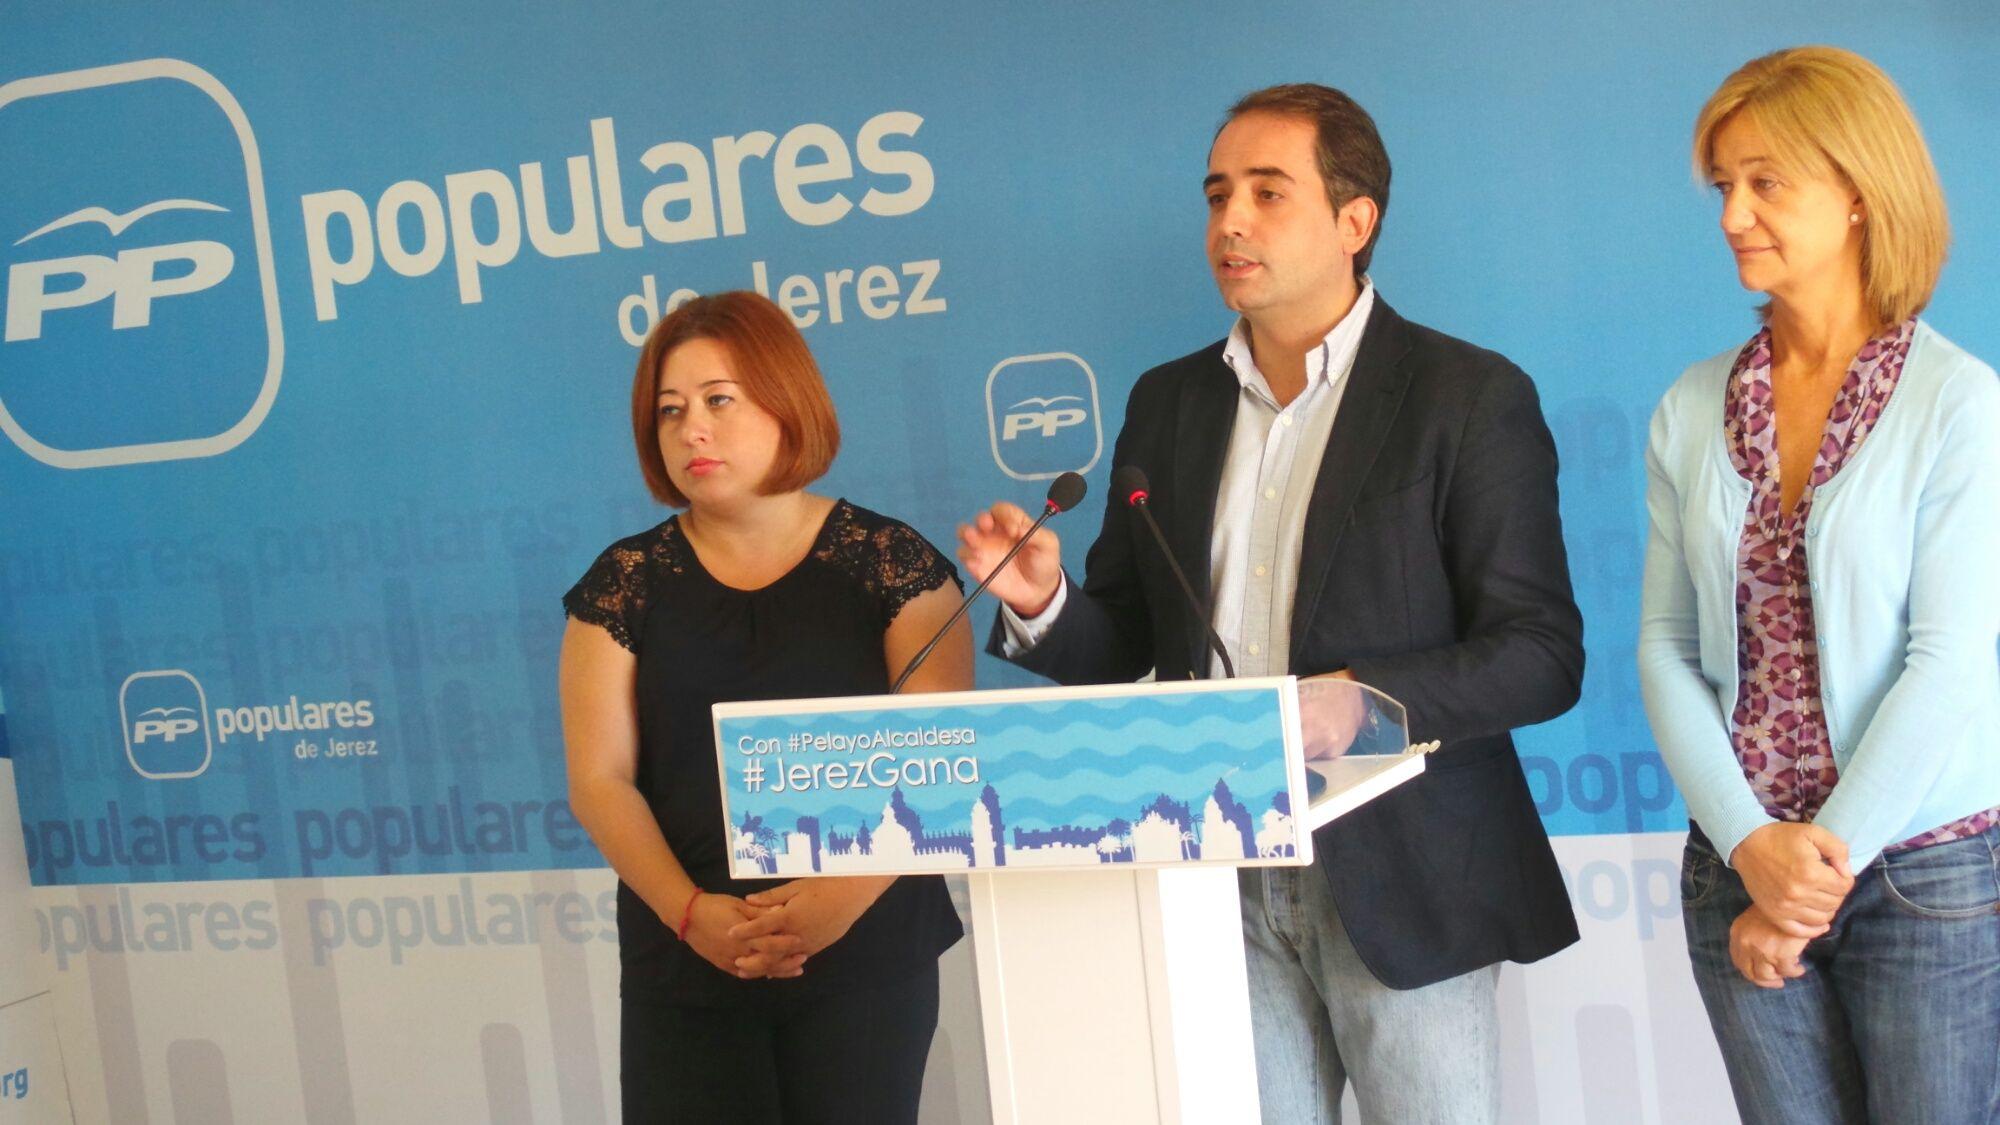 Los concejales populares Lidia Menacho, Antonio Saldaña y Carmen Pina.